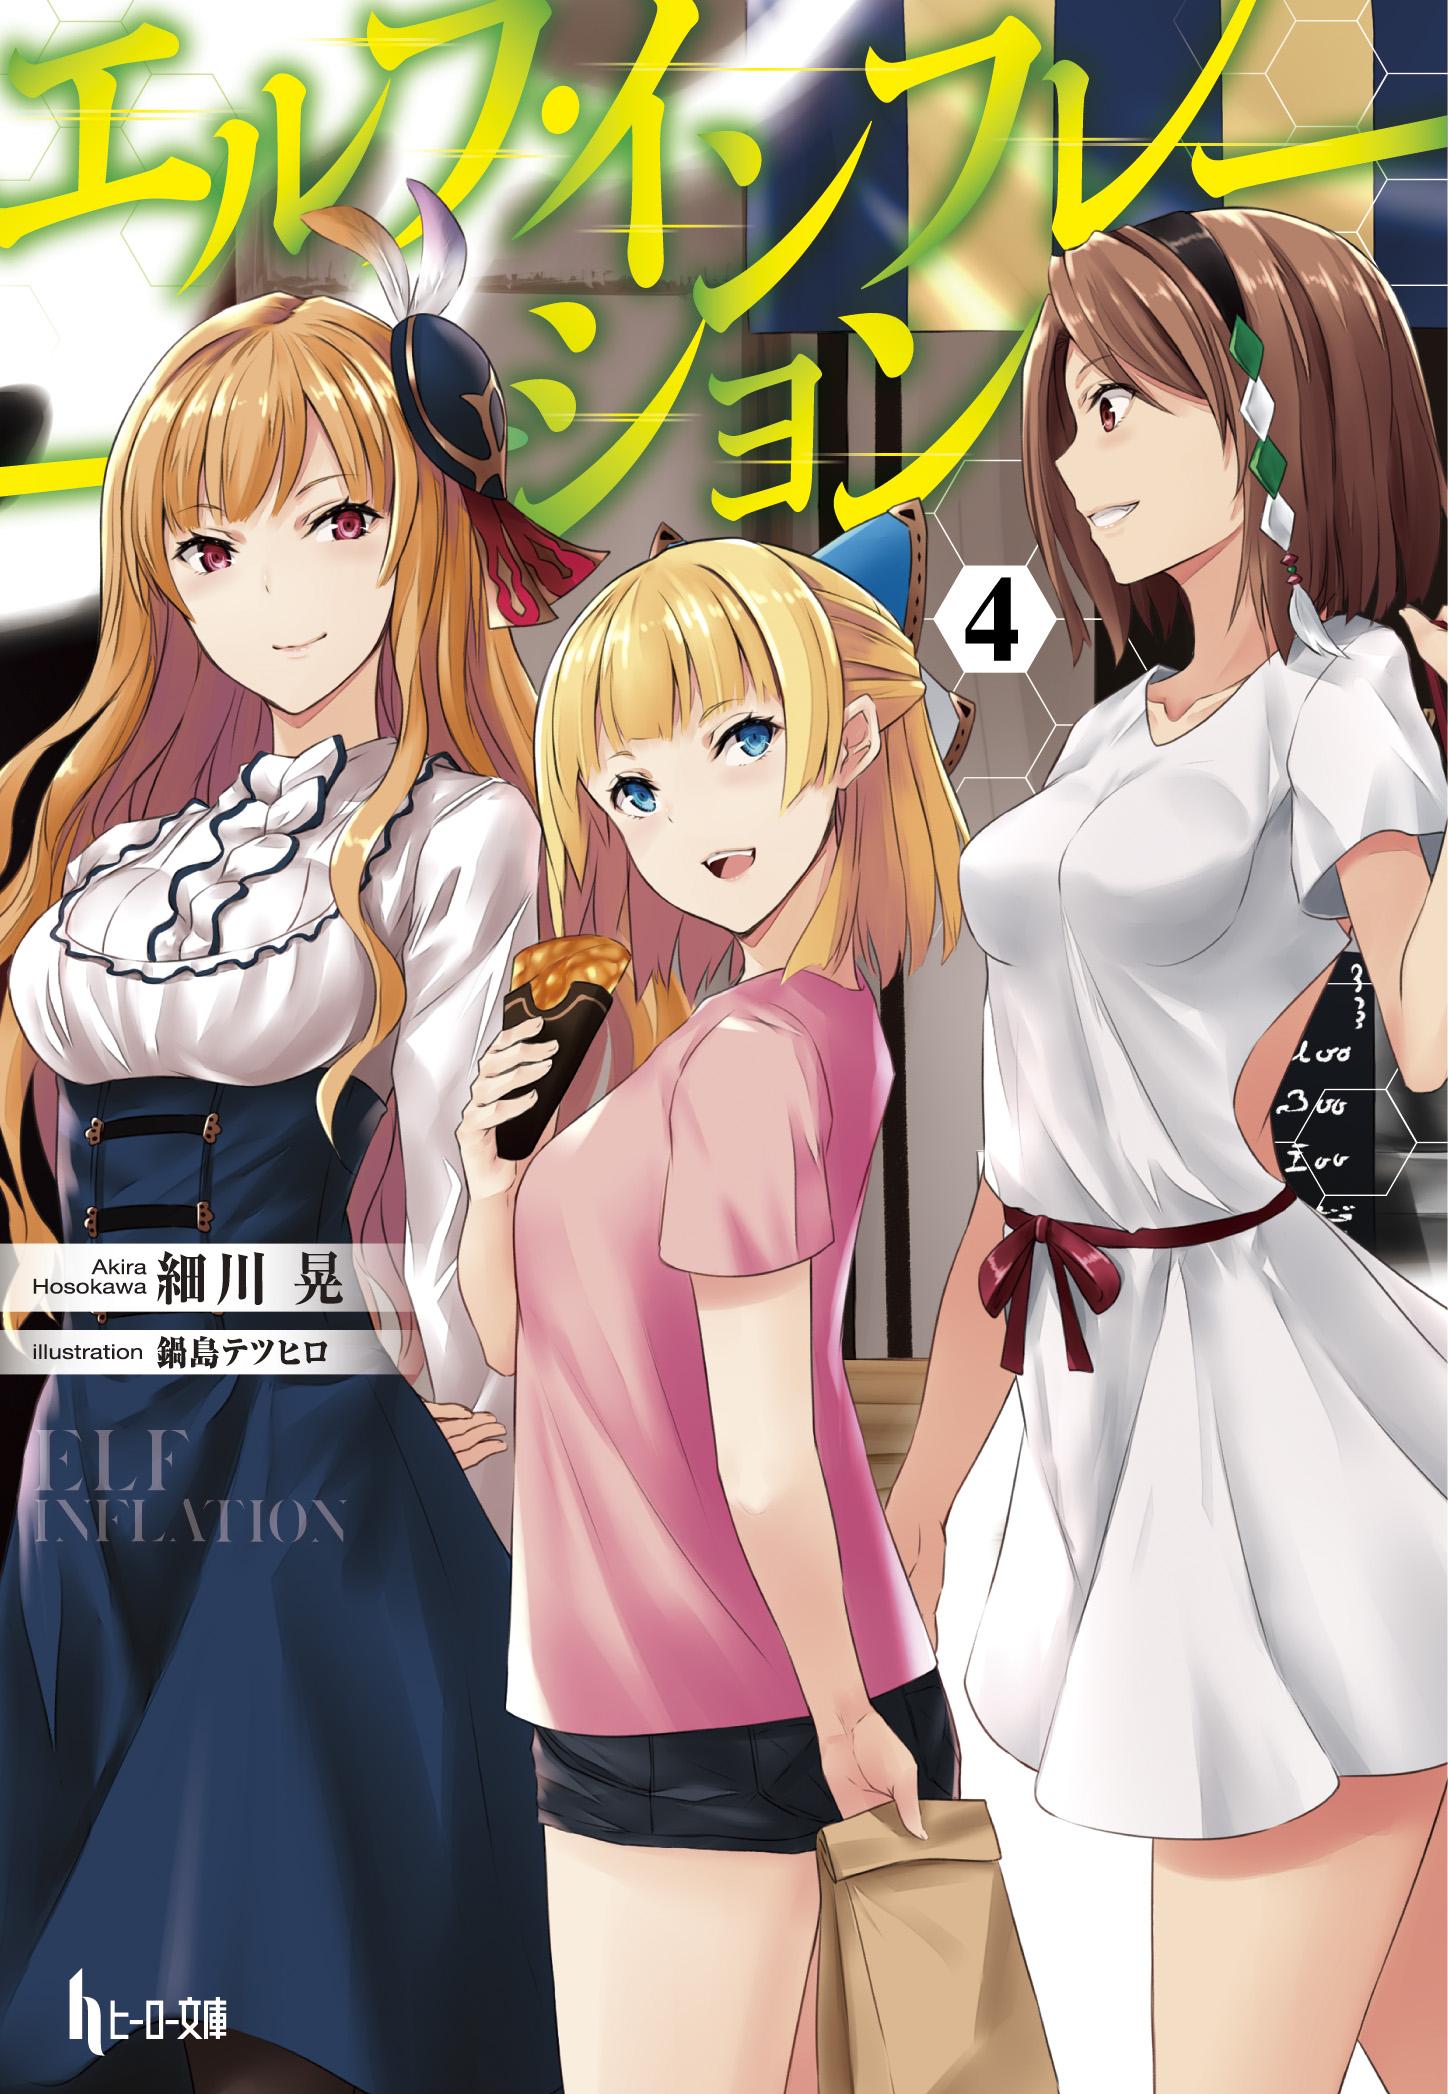 【ライトノベル】エルフ・インフレーション 4巻